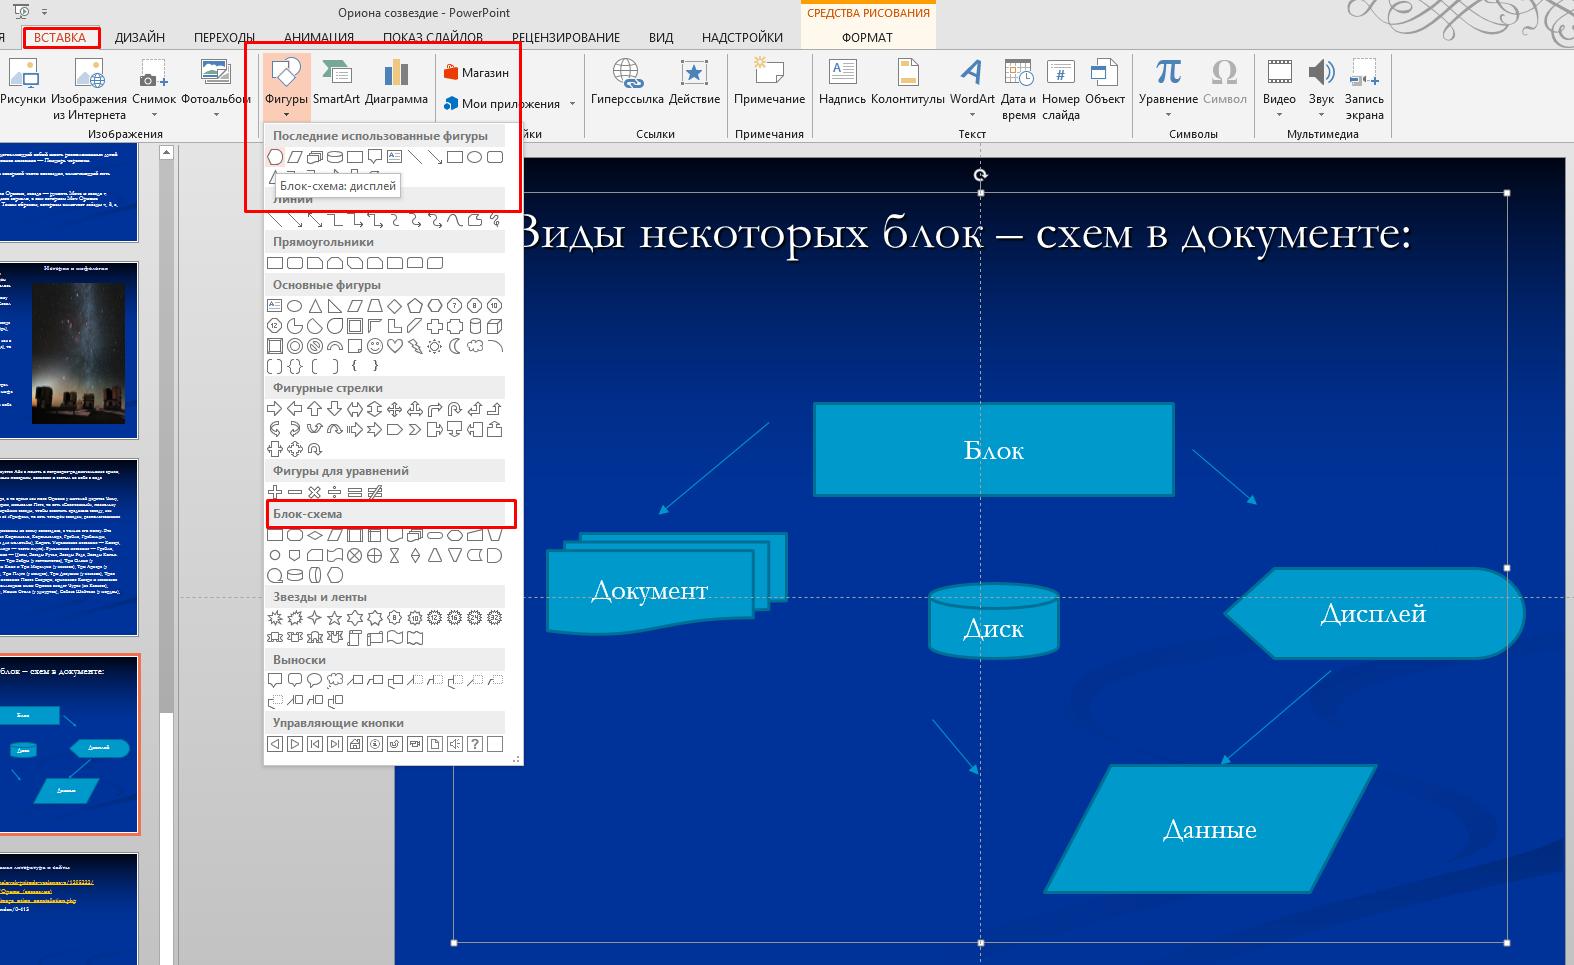 как сделать разную ориентацию слайдов в powerpoint